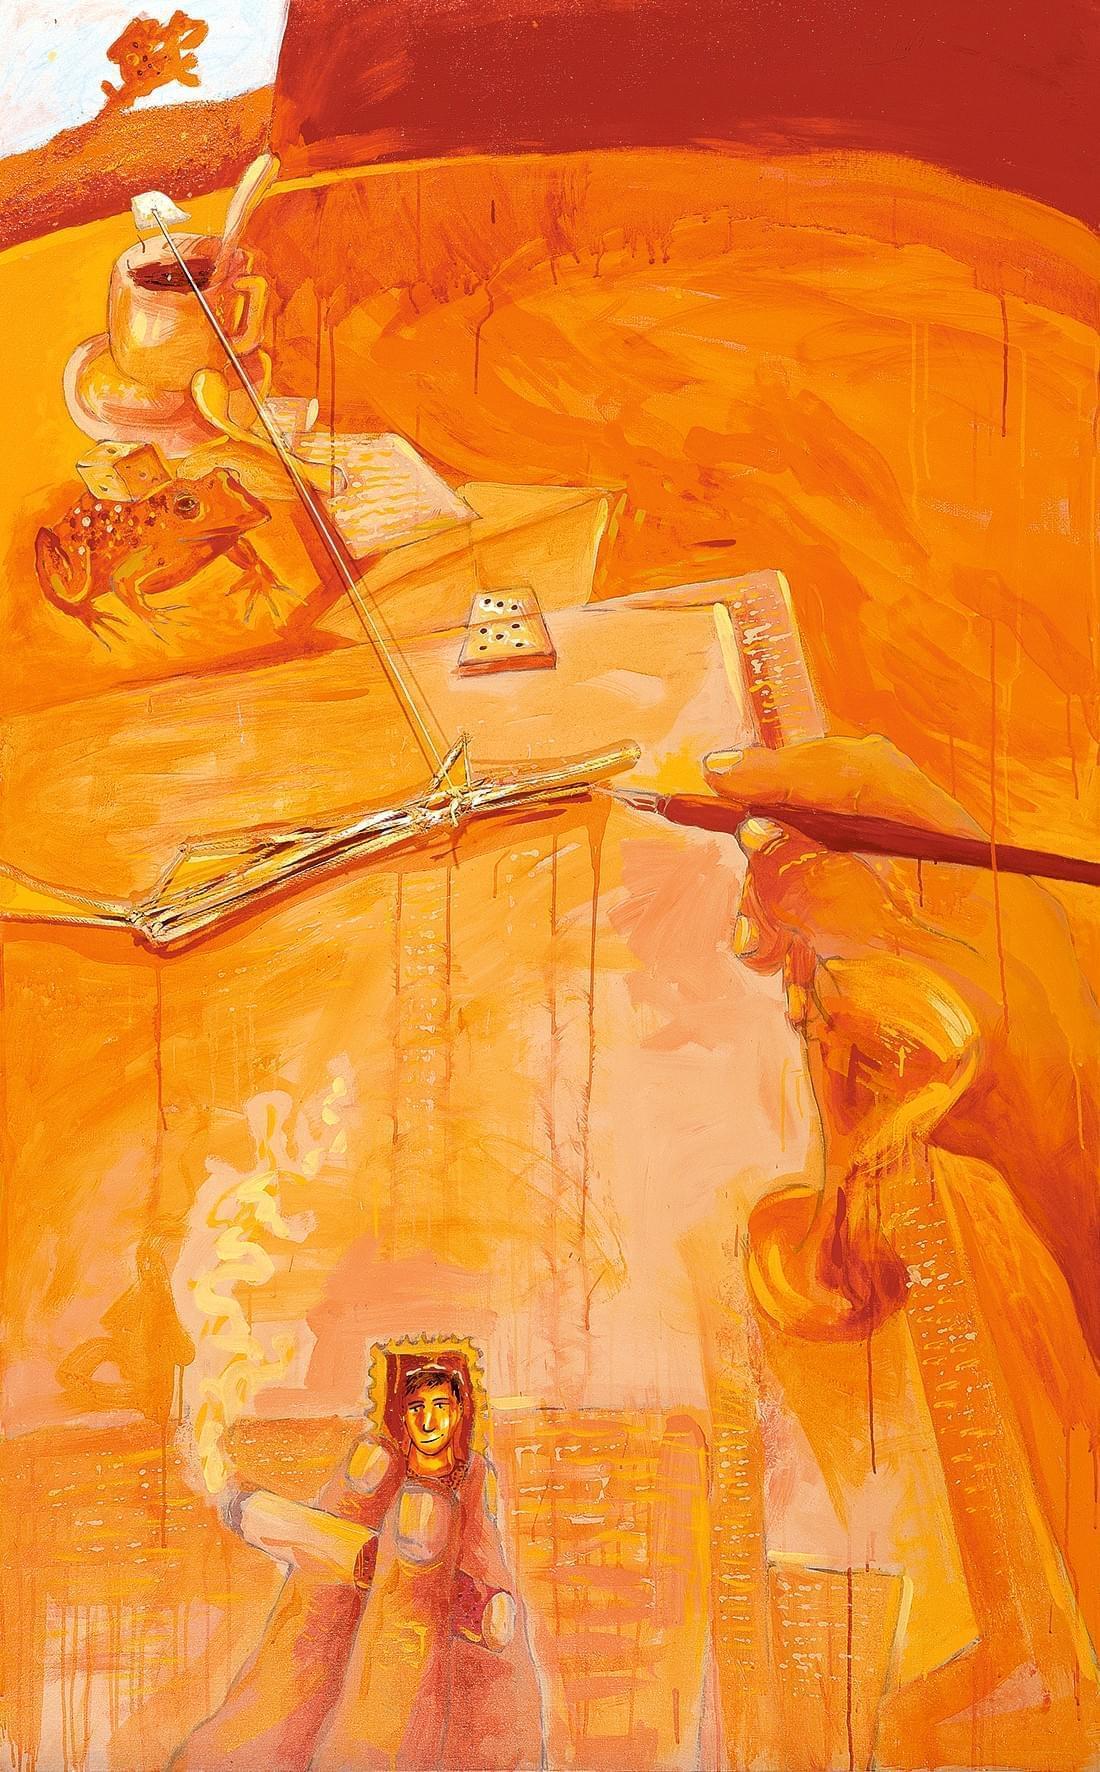 02-Cartas de amor Técnica mixta sobre lienzo 210 x 130 cm 1987